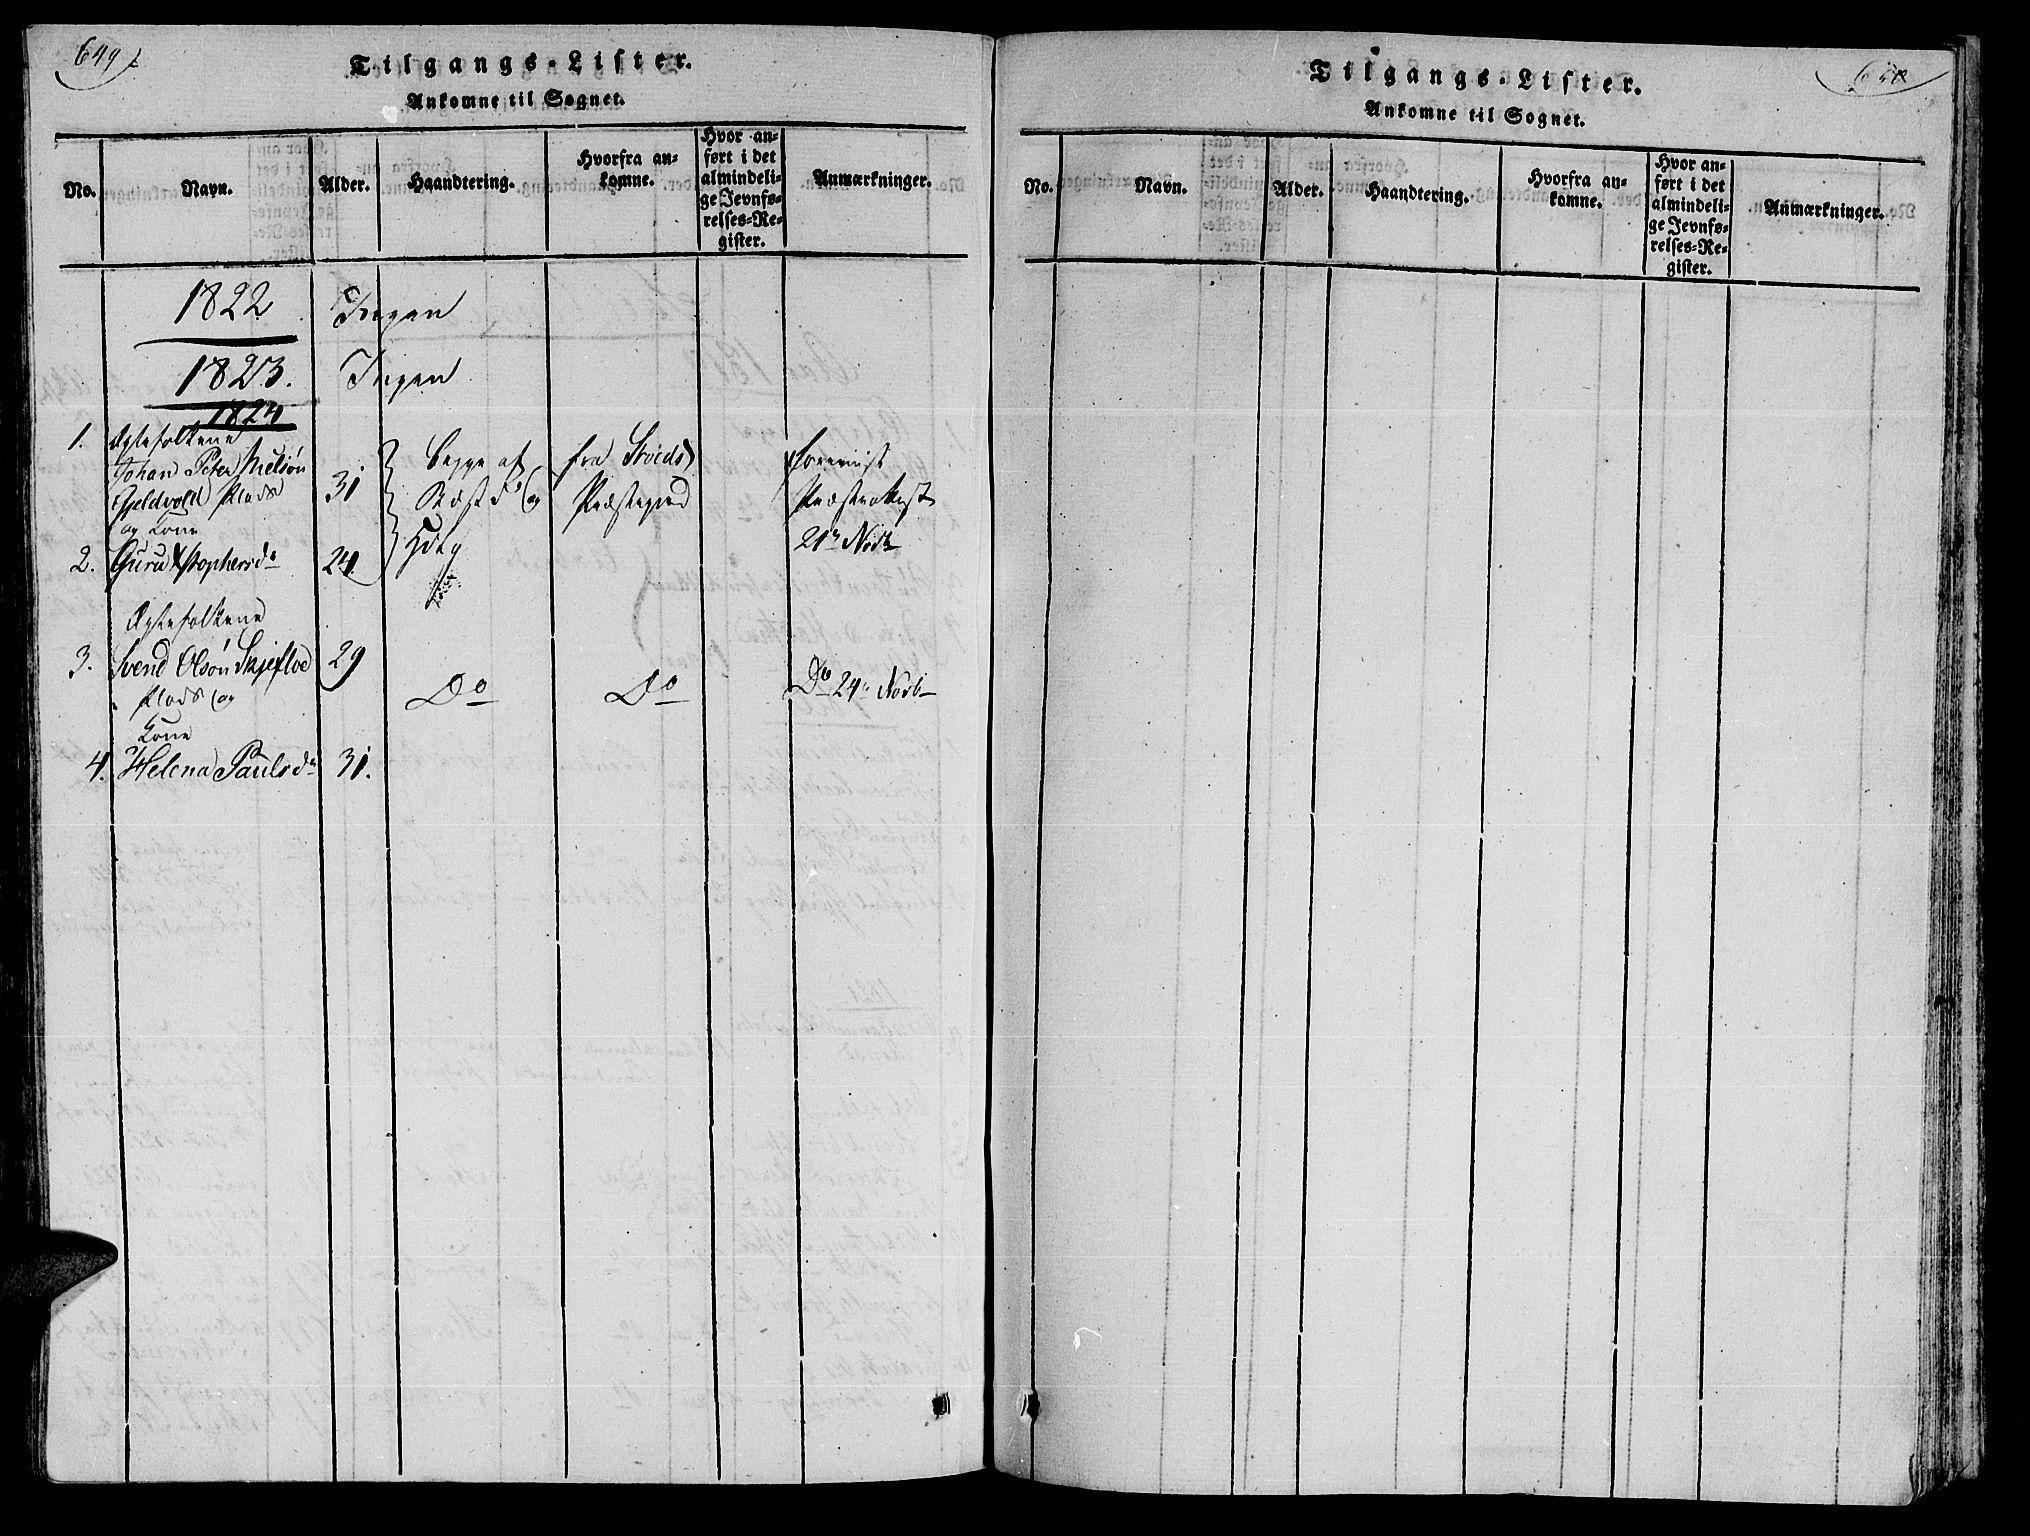 SAT, Ministerialprotokoller, klokkerbøker og fødselsregistre - Nord-Trøndelag, 735/L0333: Ministerialbok nr. 735A04 /2, 1816-1825, s. 649-650